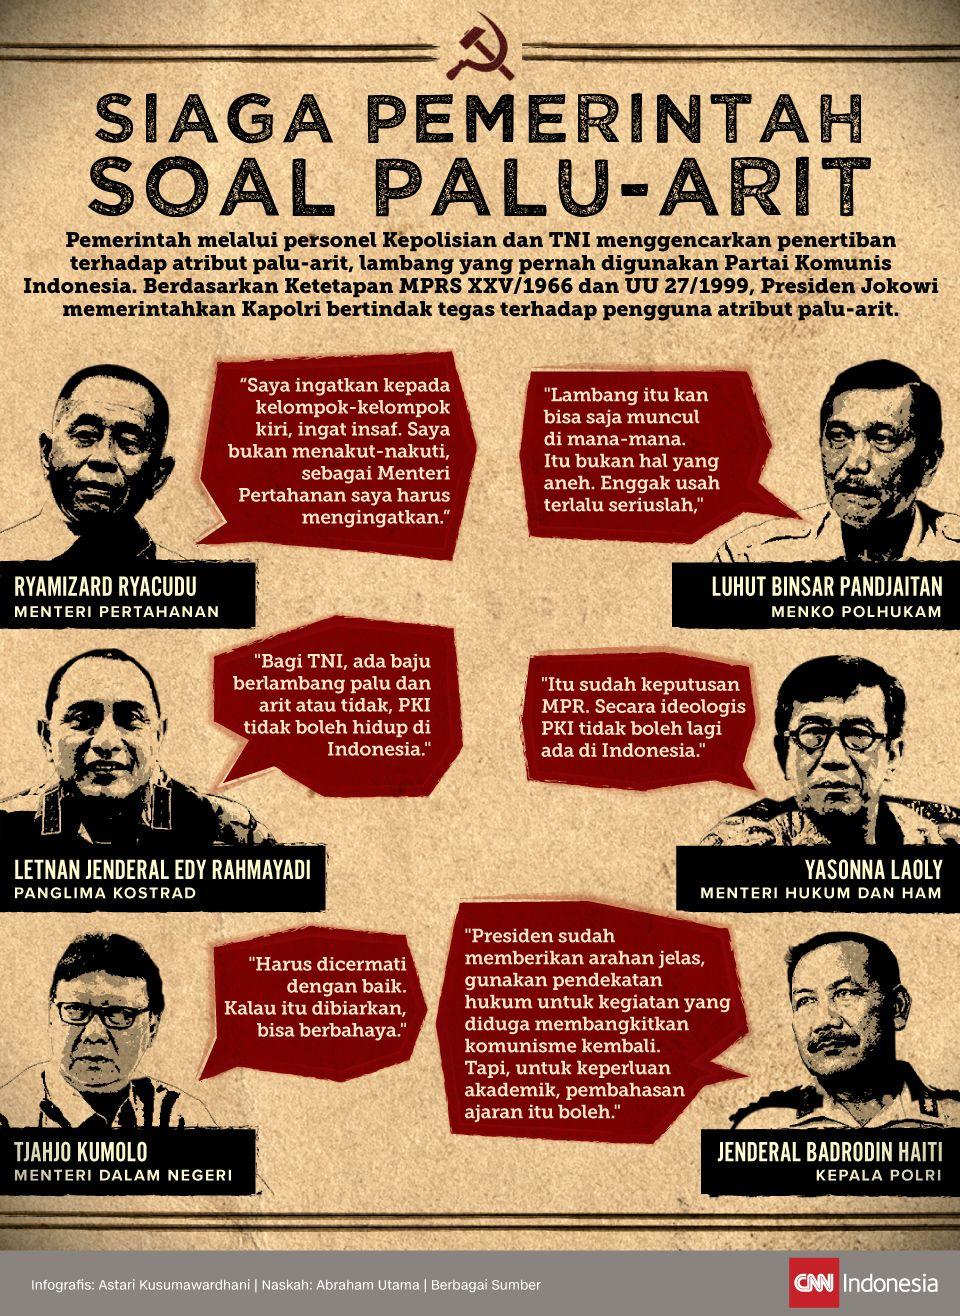 Infografis Siaga Pemerintah soal Palu-Arit